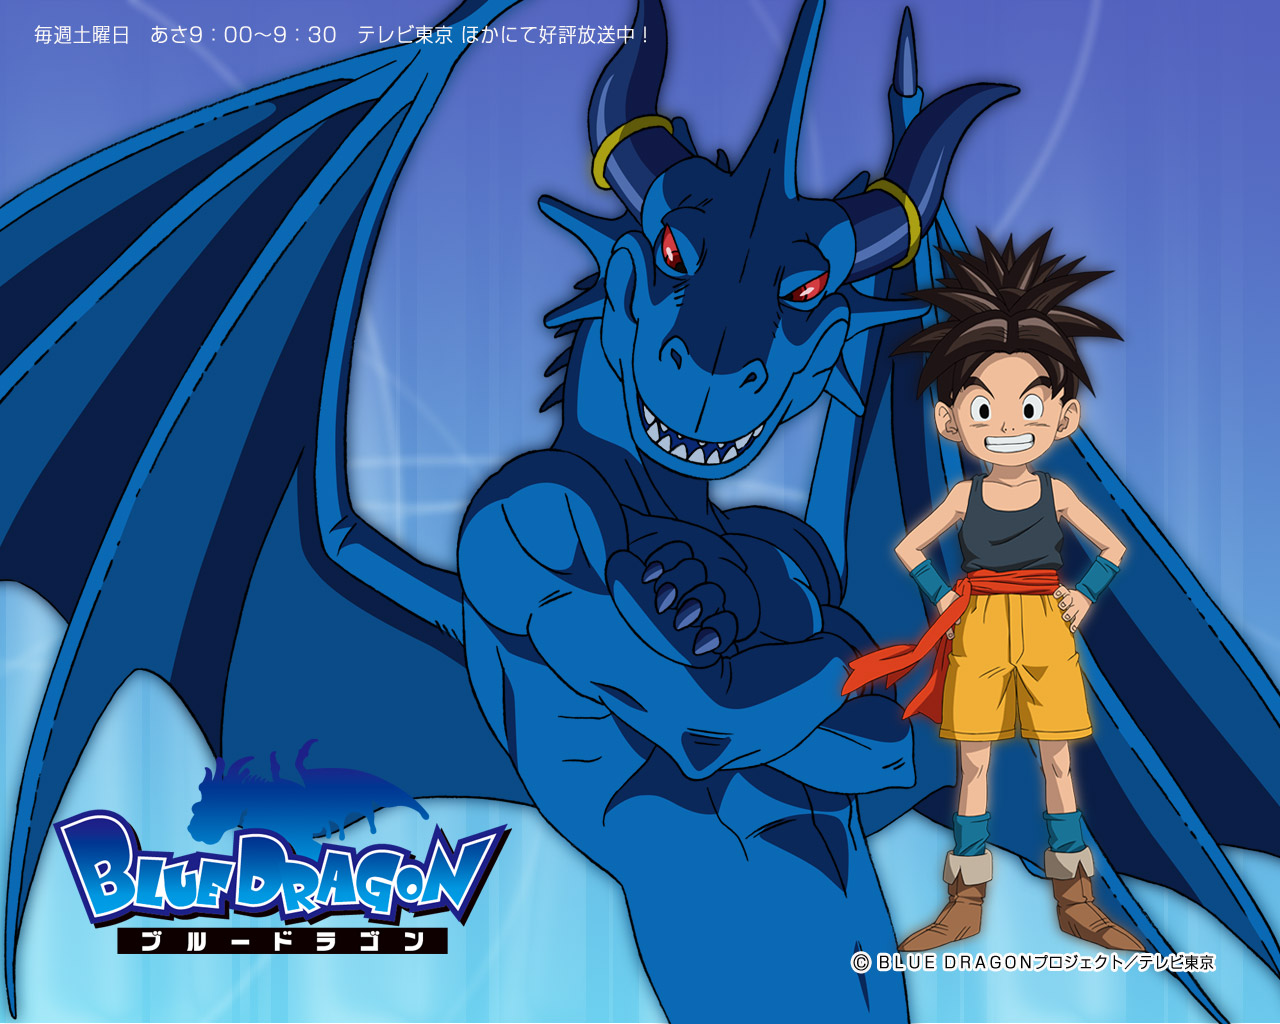 フリーダウンロード Blue Dragon ファンサイト